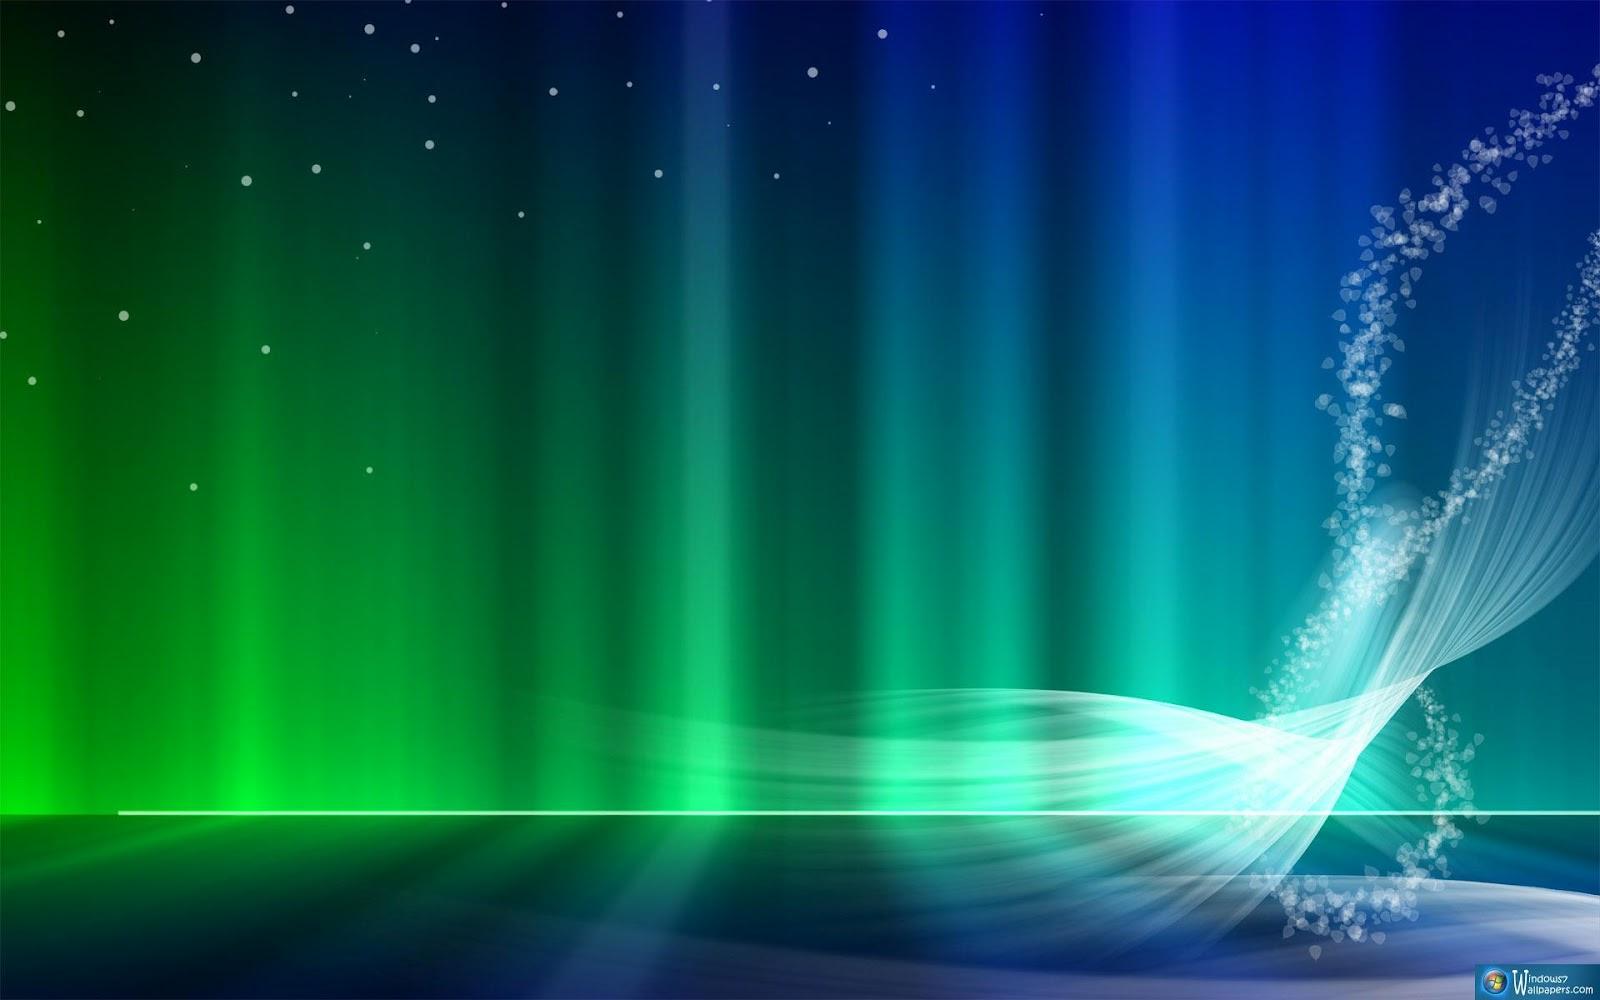 http://1.bp.blogspot.com/-YCUDiulSFmY/UNhLbbEQChI/AAAAAAAAM-0/M1UOfa40iy4/s1600/Winodws-7-aurora-wallpaper.jpg